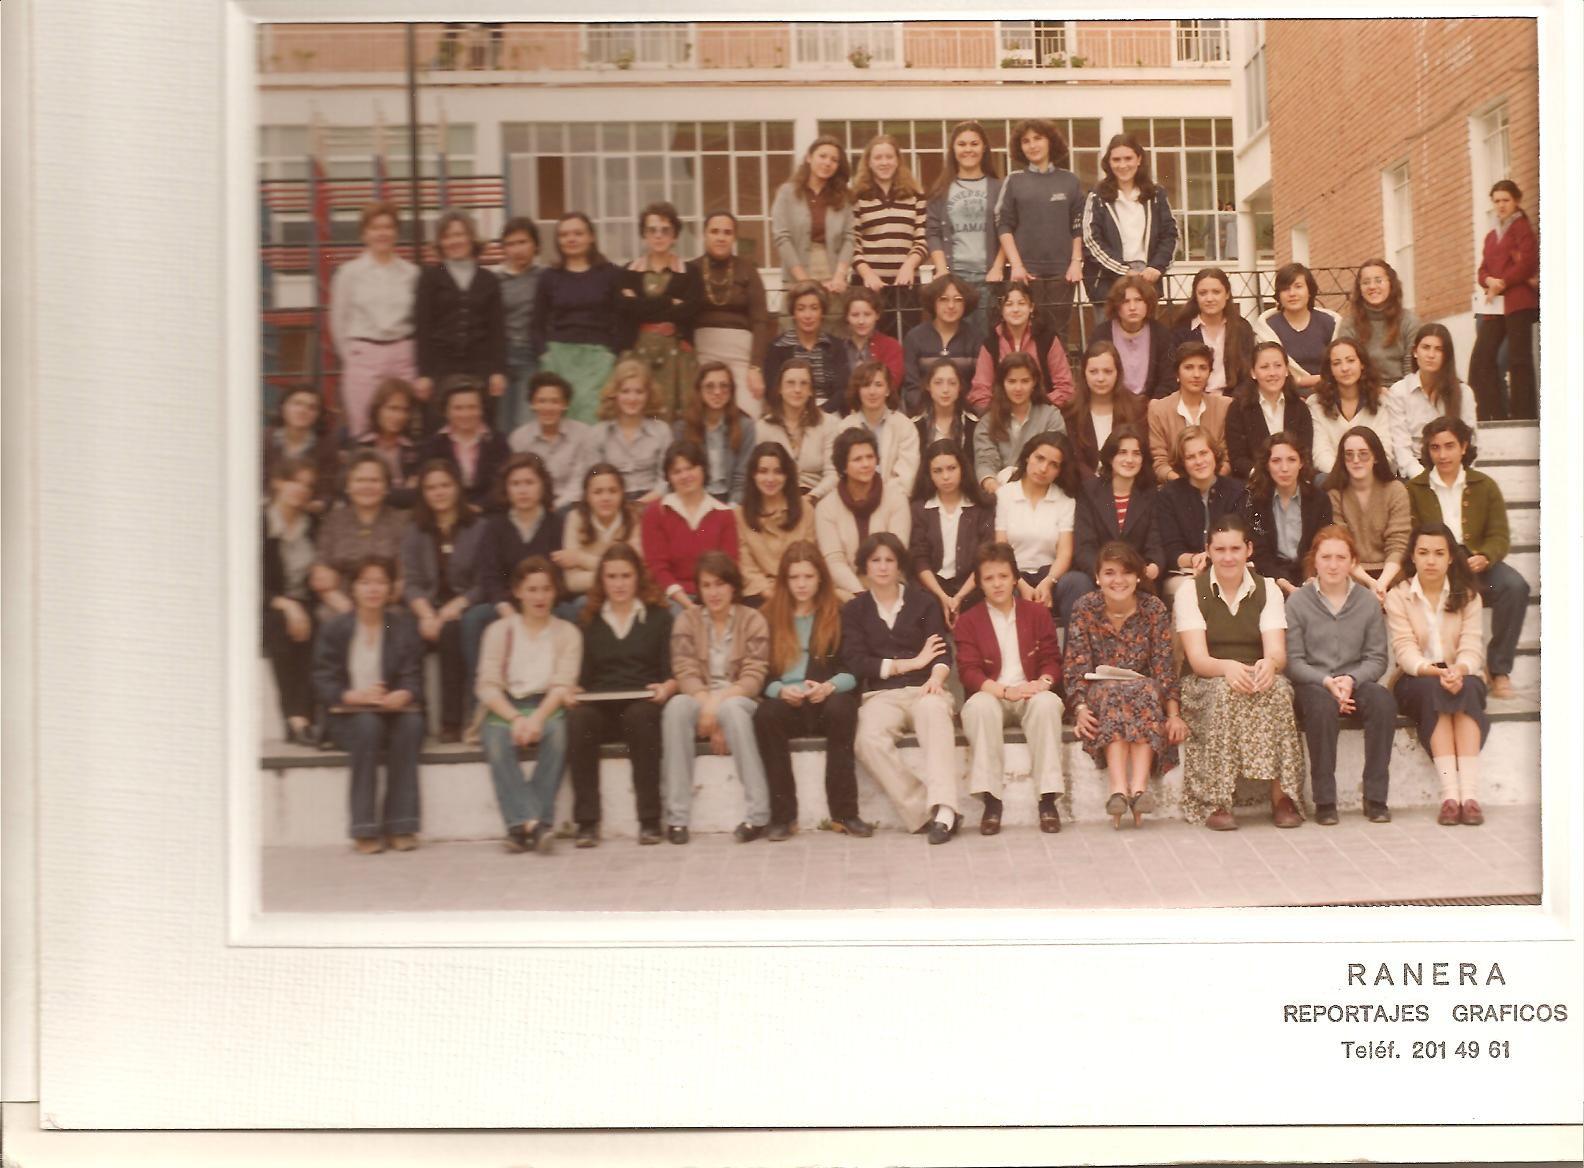 image Recuerdos del colegio 23